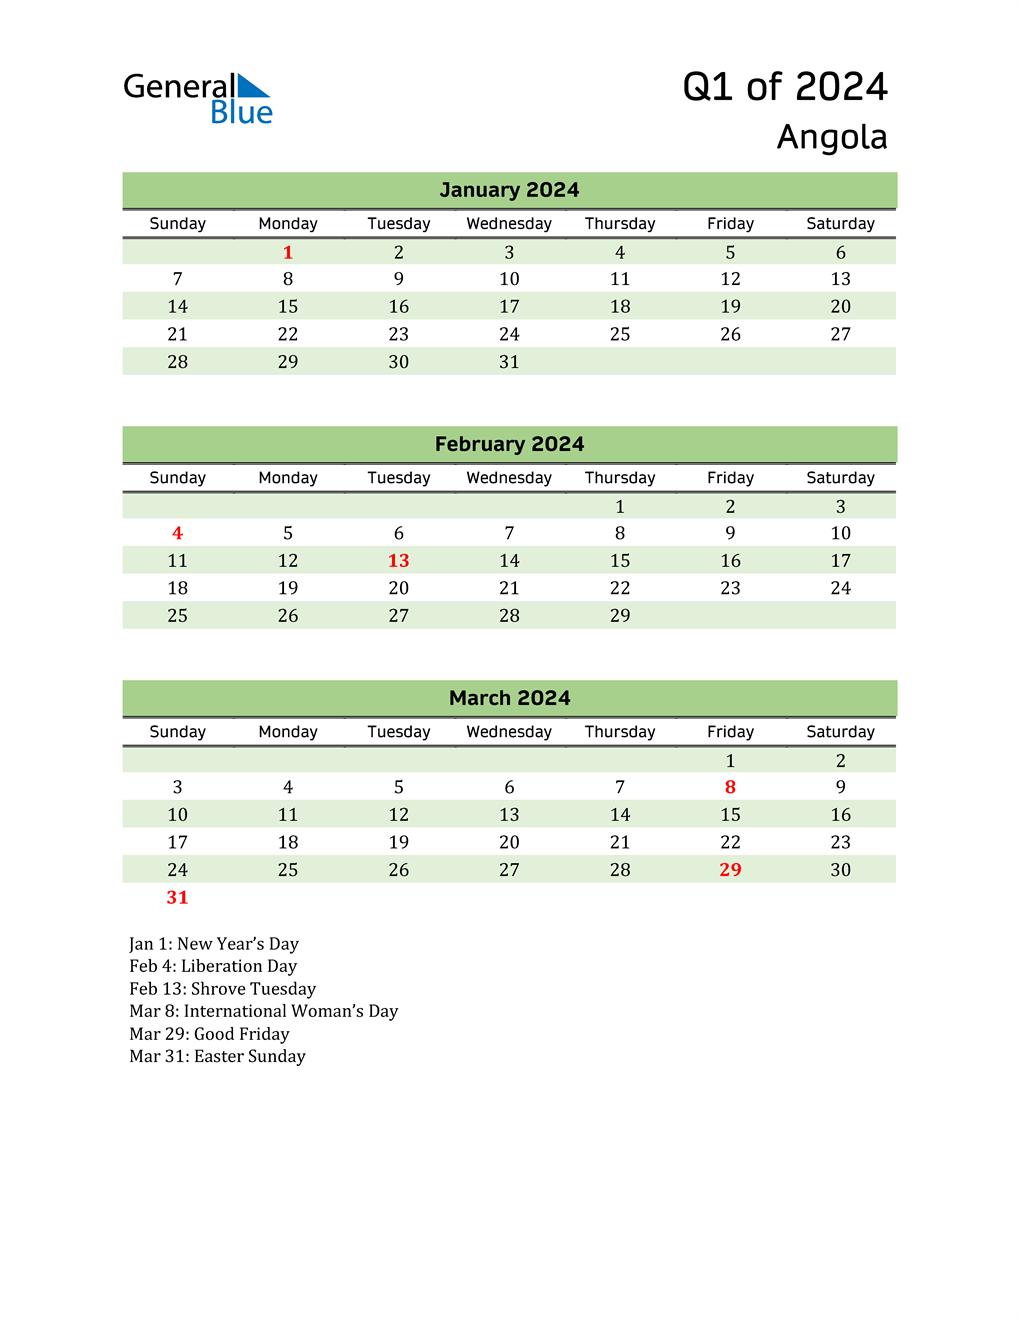 Quarterly Calendar 2024 with Angola Holidays